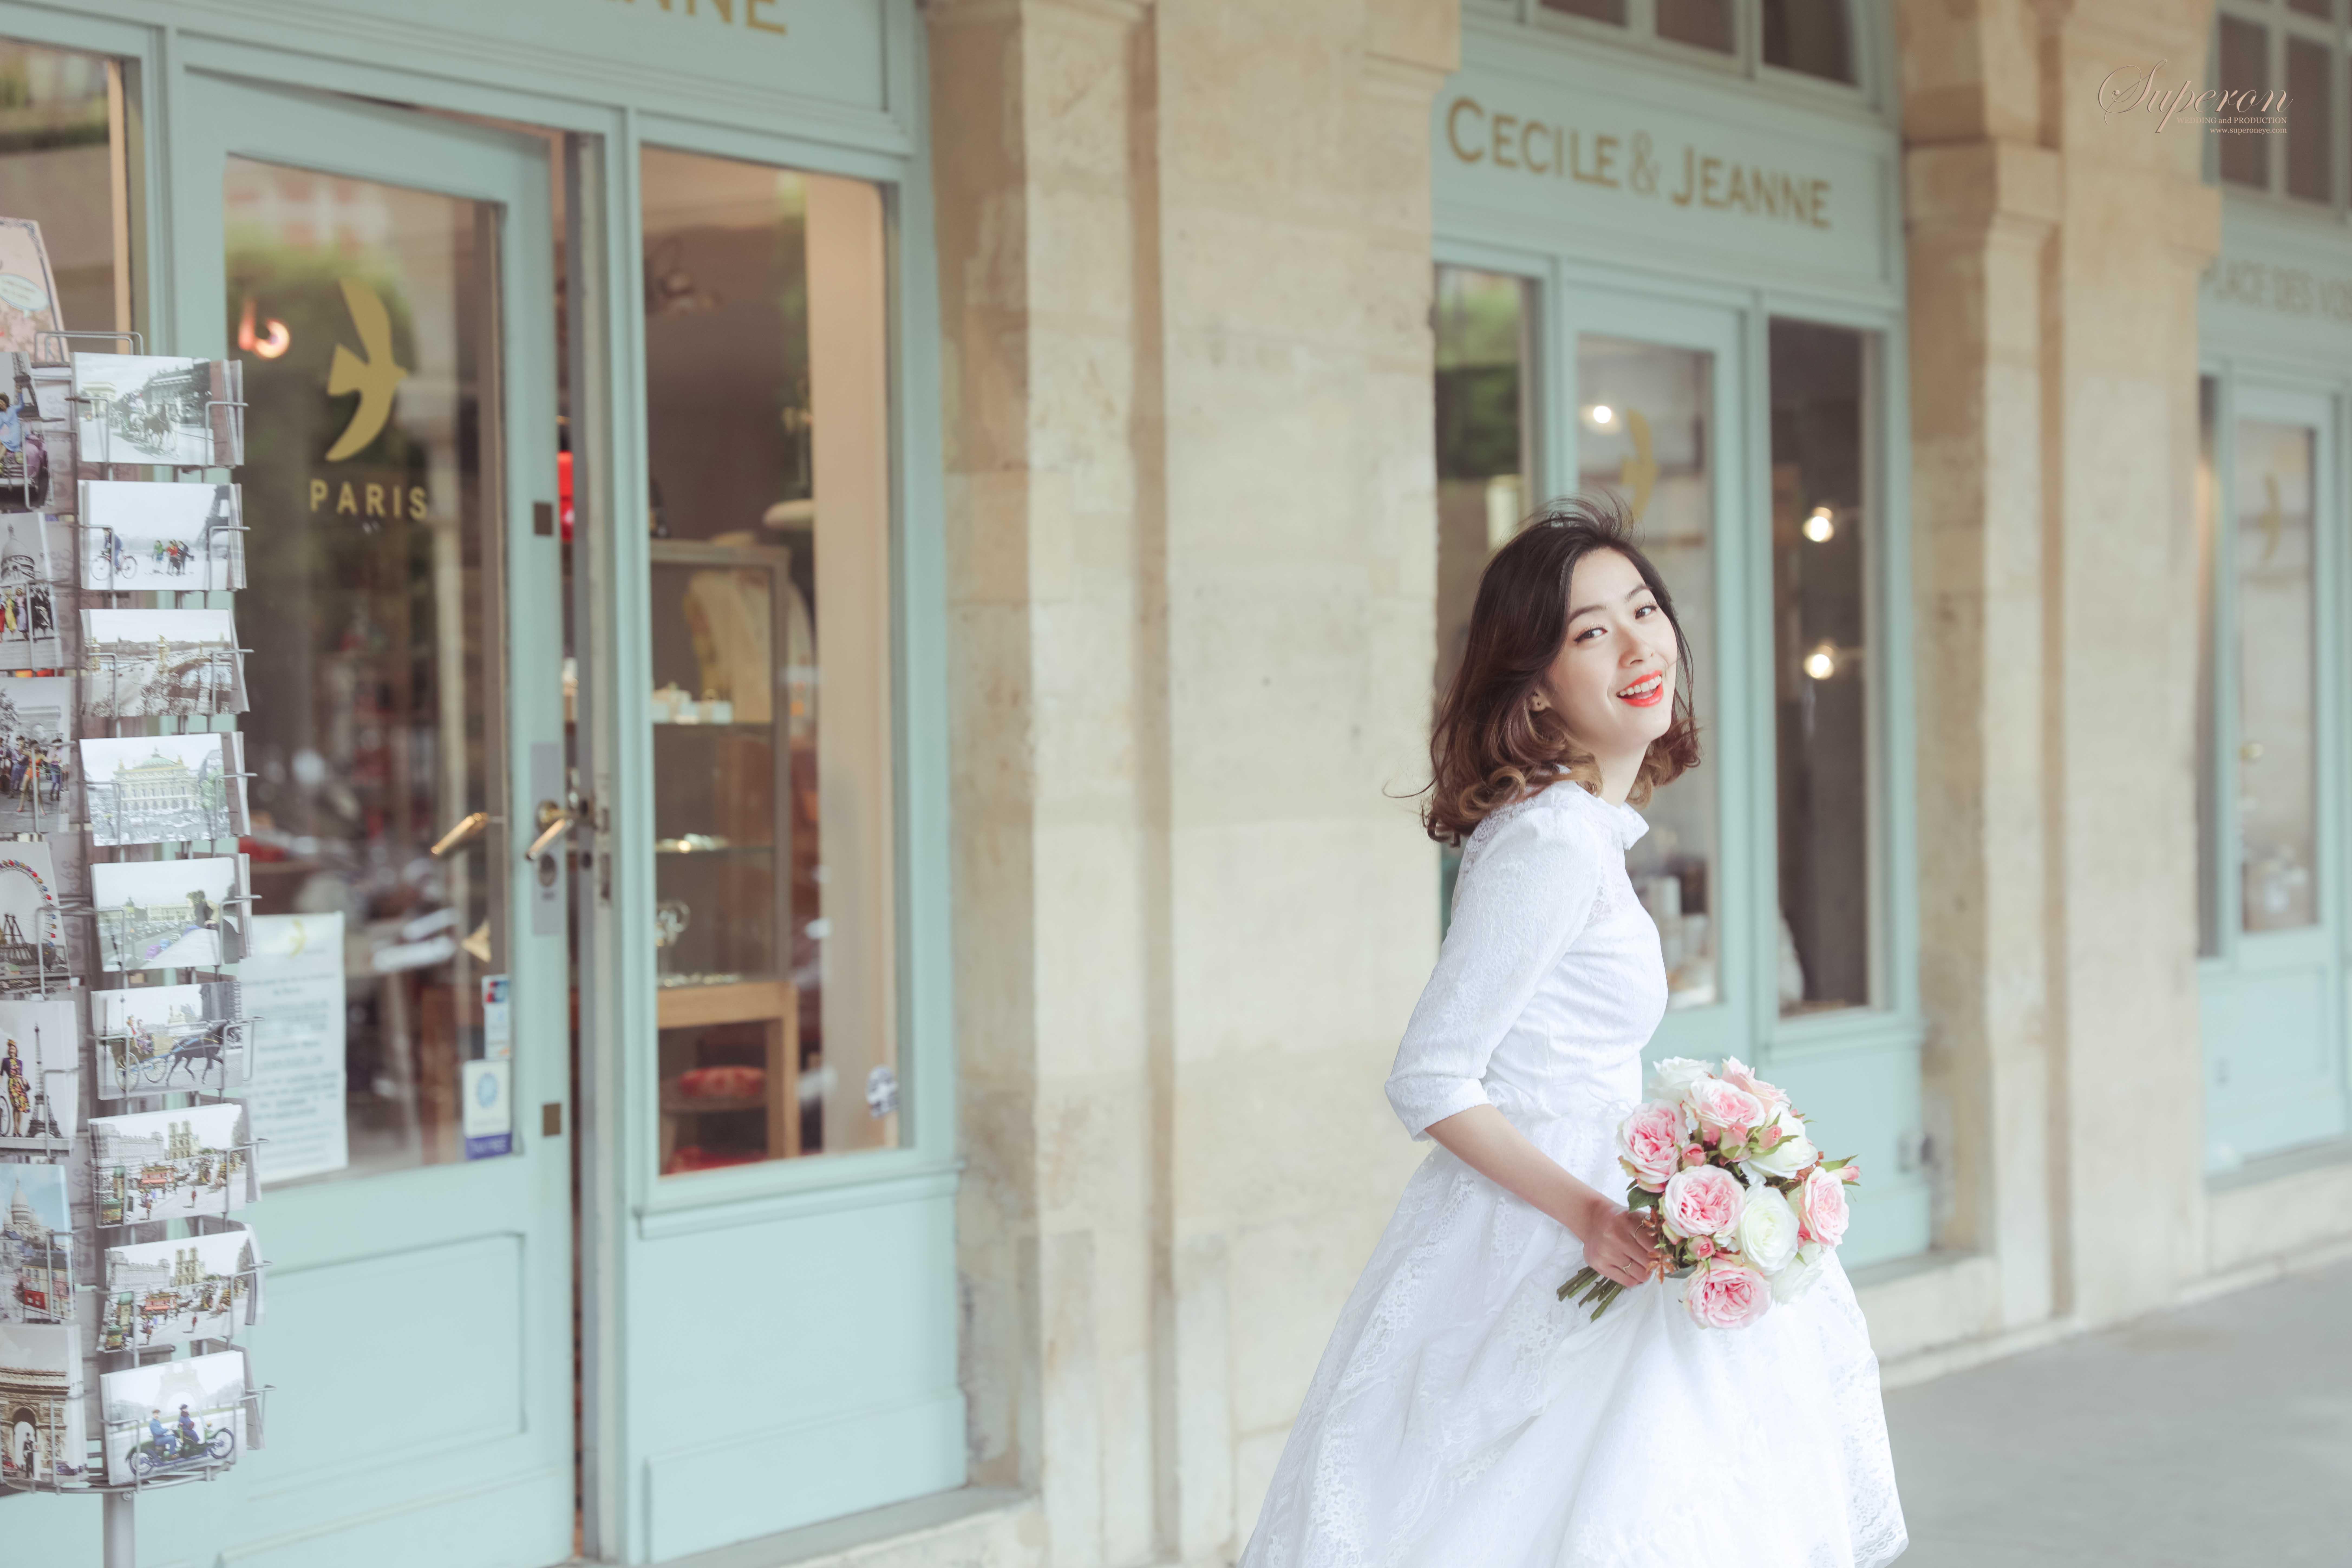 巴黎婚紗外景拍攝 巴黎蜜月旅遊婚紗攝影